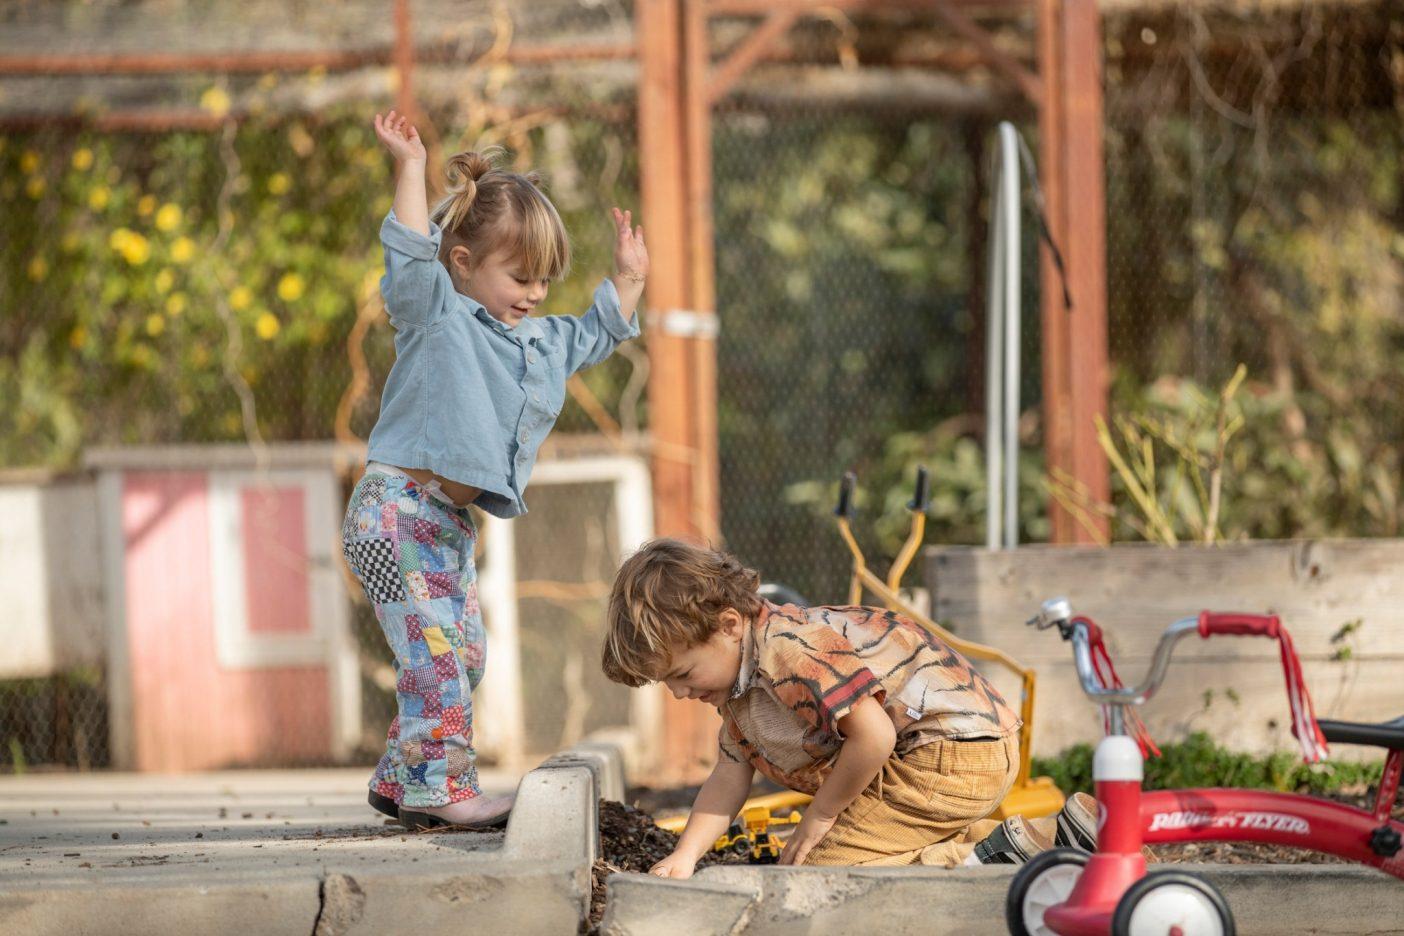 コートニーの息子のサミー、双子のマギー(左)とボビー(右)は、遠くに行かなくても自然と戯れることができる。サミーは庭で新しいペットを見つけるのが得意だ。ナナフシの家族もいれば、小さなオタマジャクシから巨大なウシガエルに成長した「クッキー」も。Photo: Tim Davis